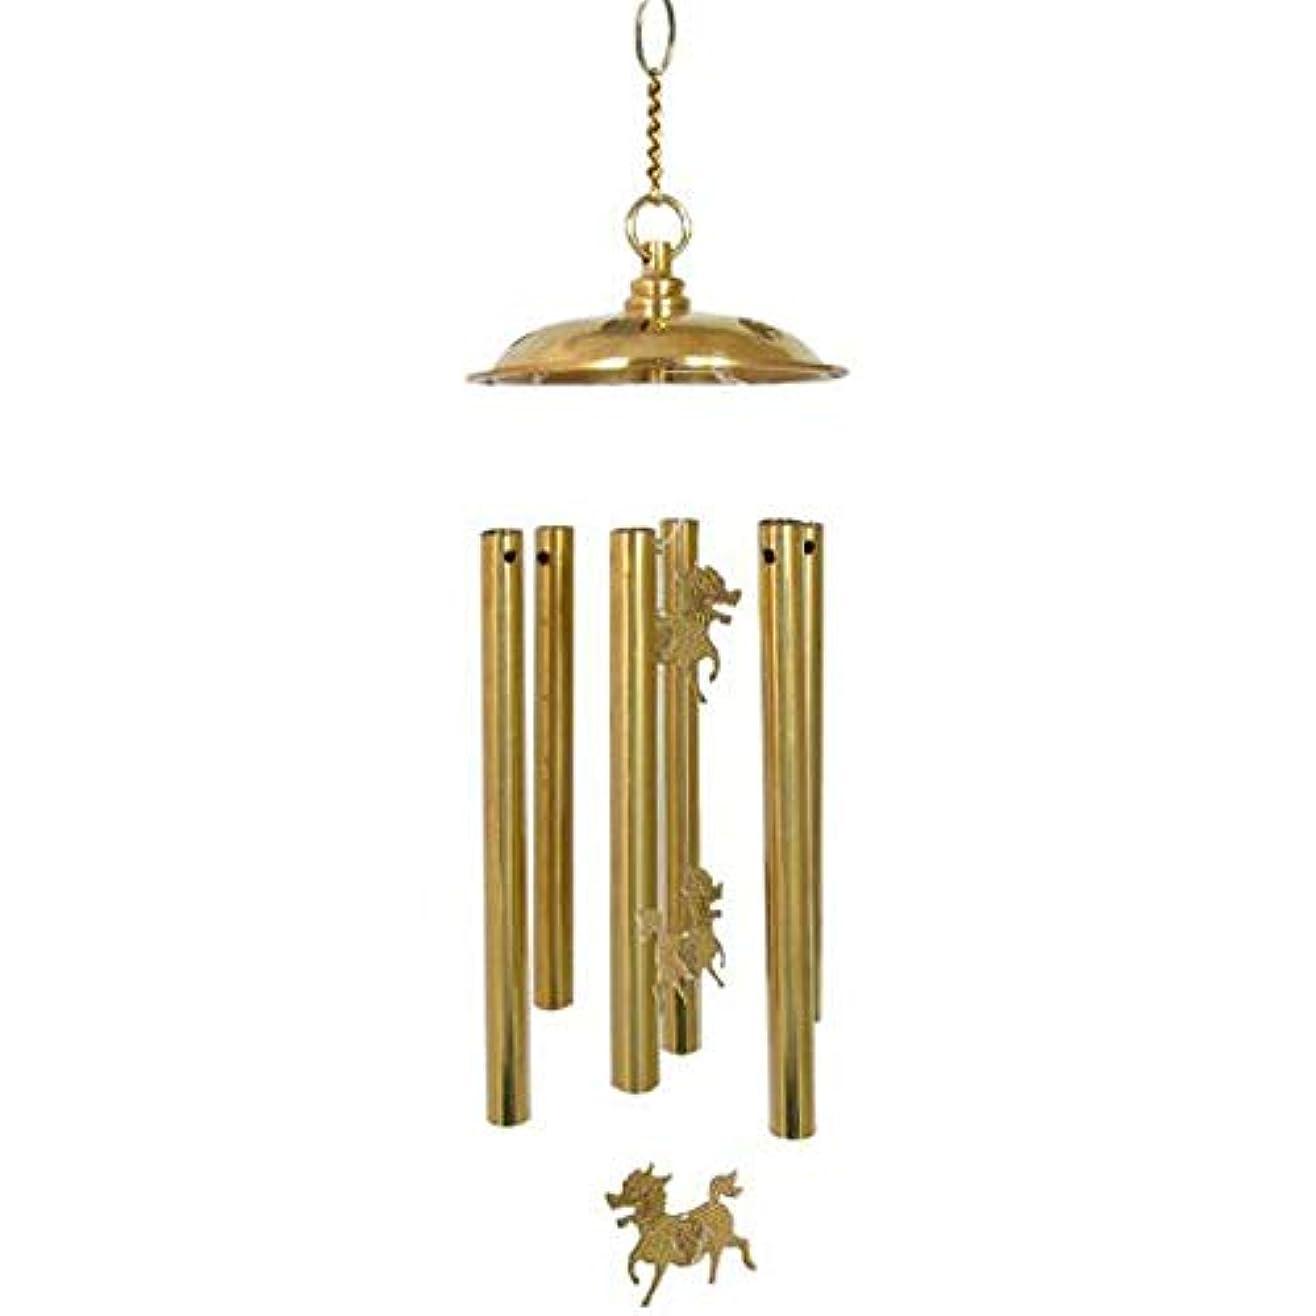 取り替えるカポック残酷Aishanghuayi 風チャイム、ホーム銅風チャイム、ゴールド、全身について48センチメートル,ファッションオーナメント